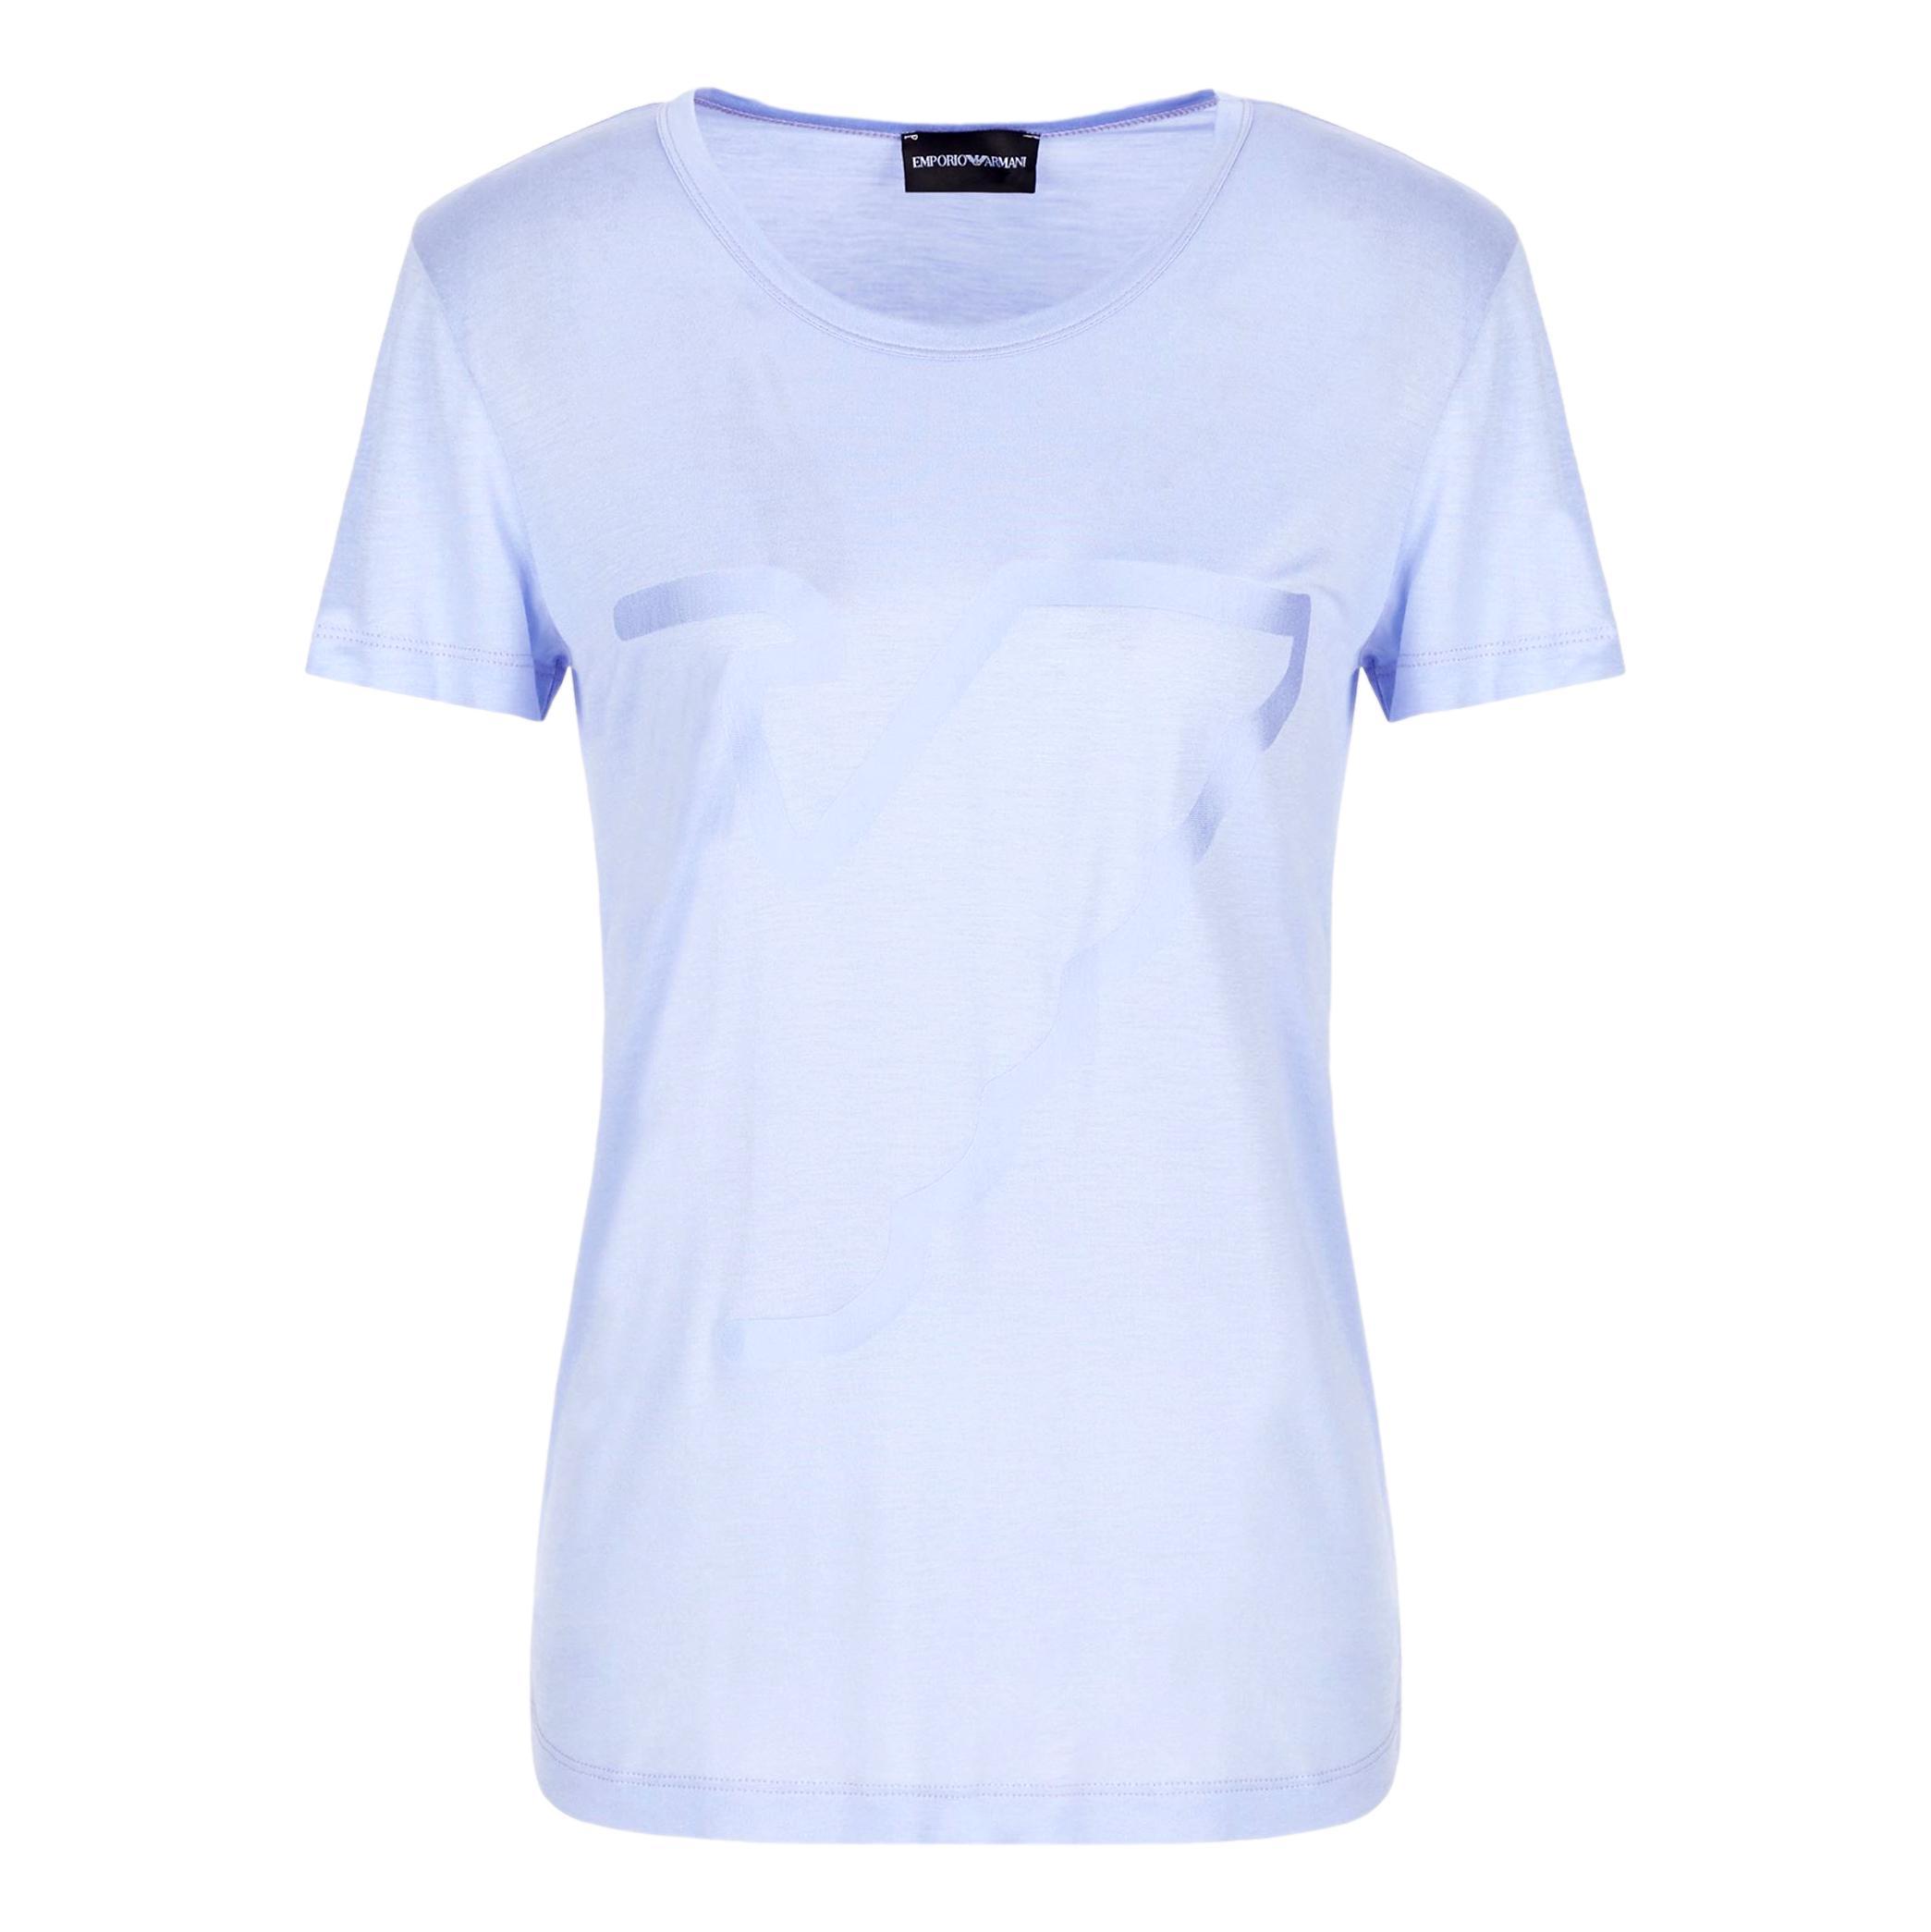 Modal jersey T-shirt with maxi eagle profile EMPORIO ARMANI |  | 3K2T7F 2JRAZ0809